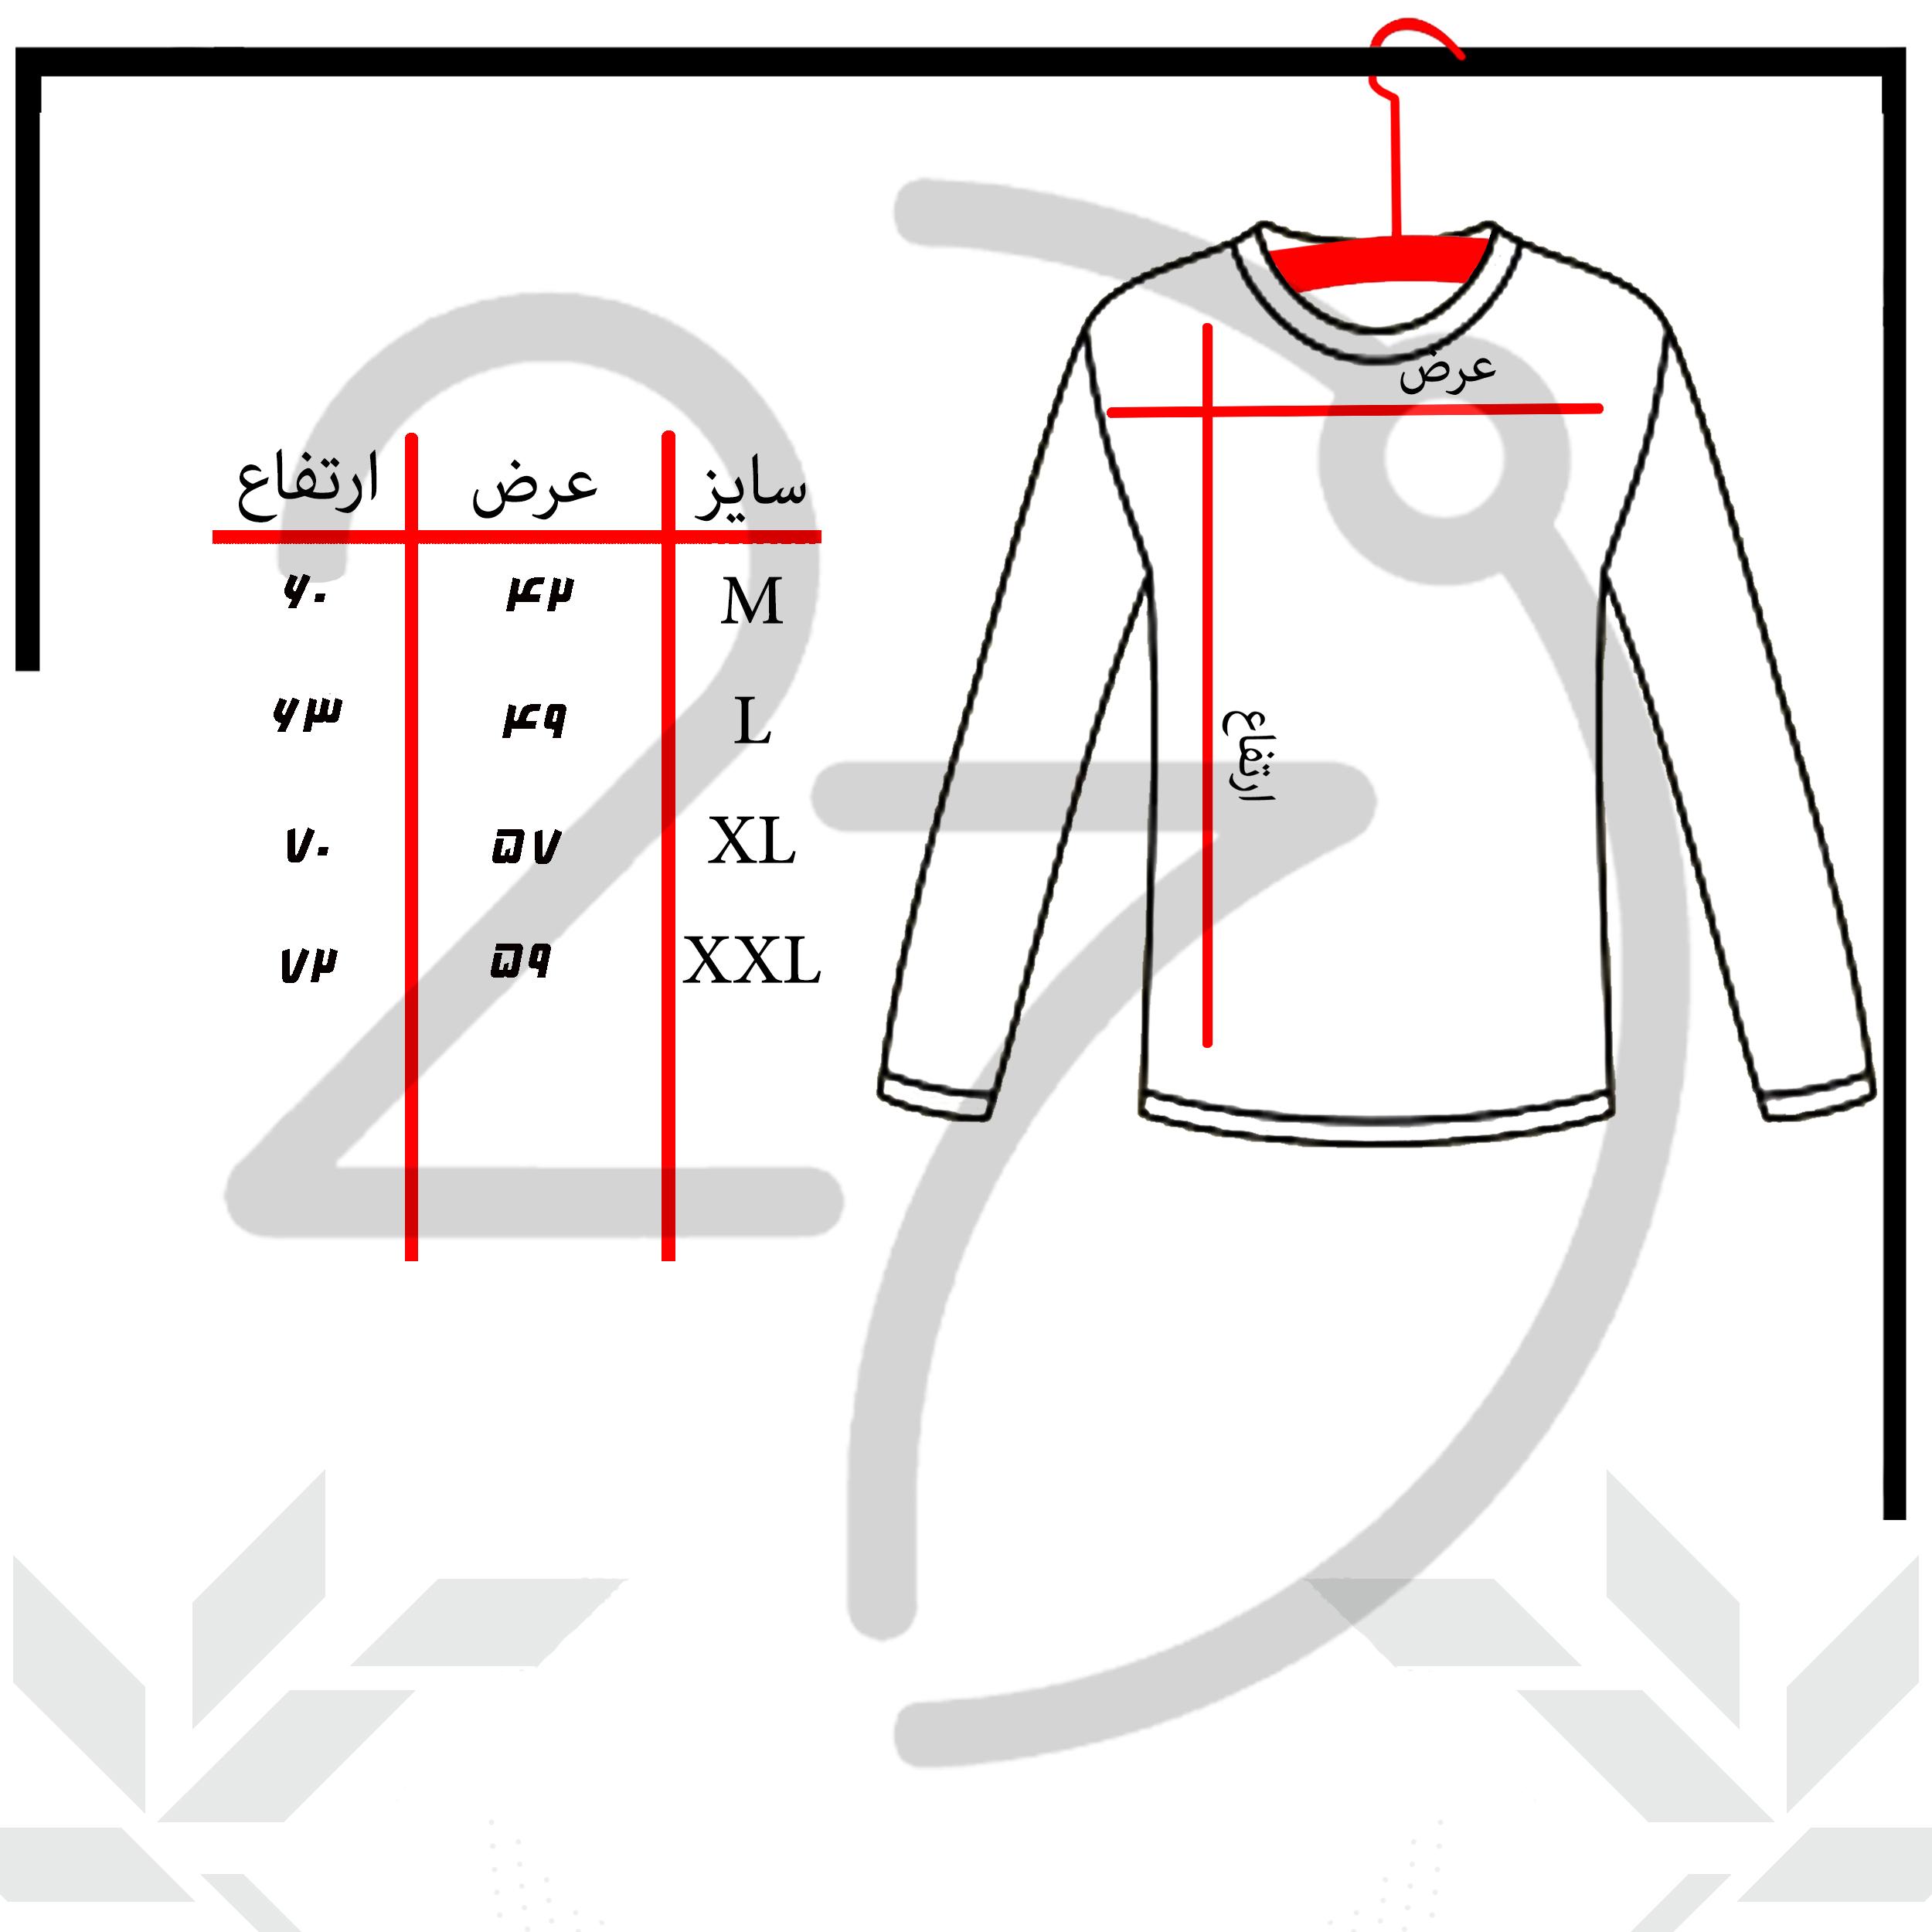 تی شرت آستین بلند زنانه 27 مدل دوربین کد B126